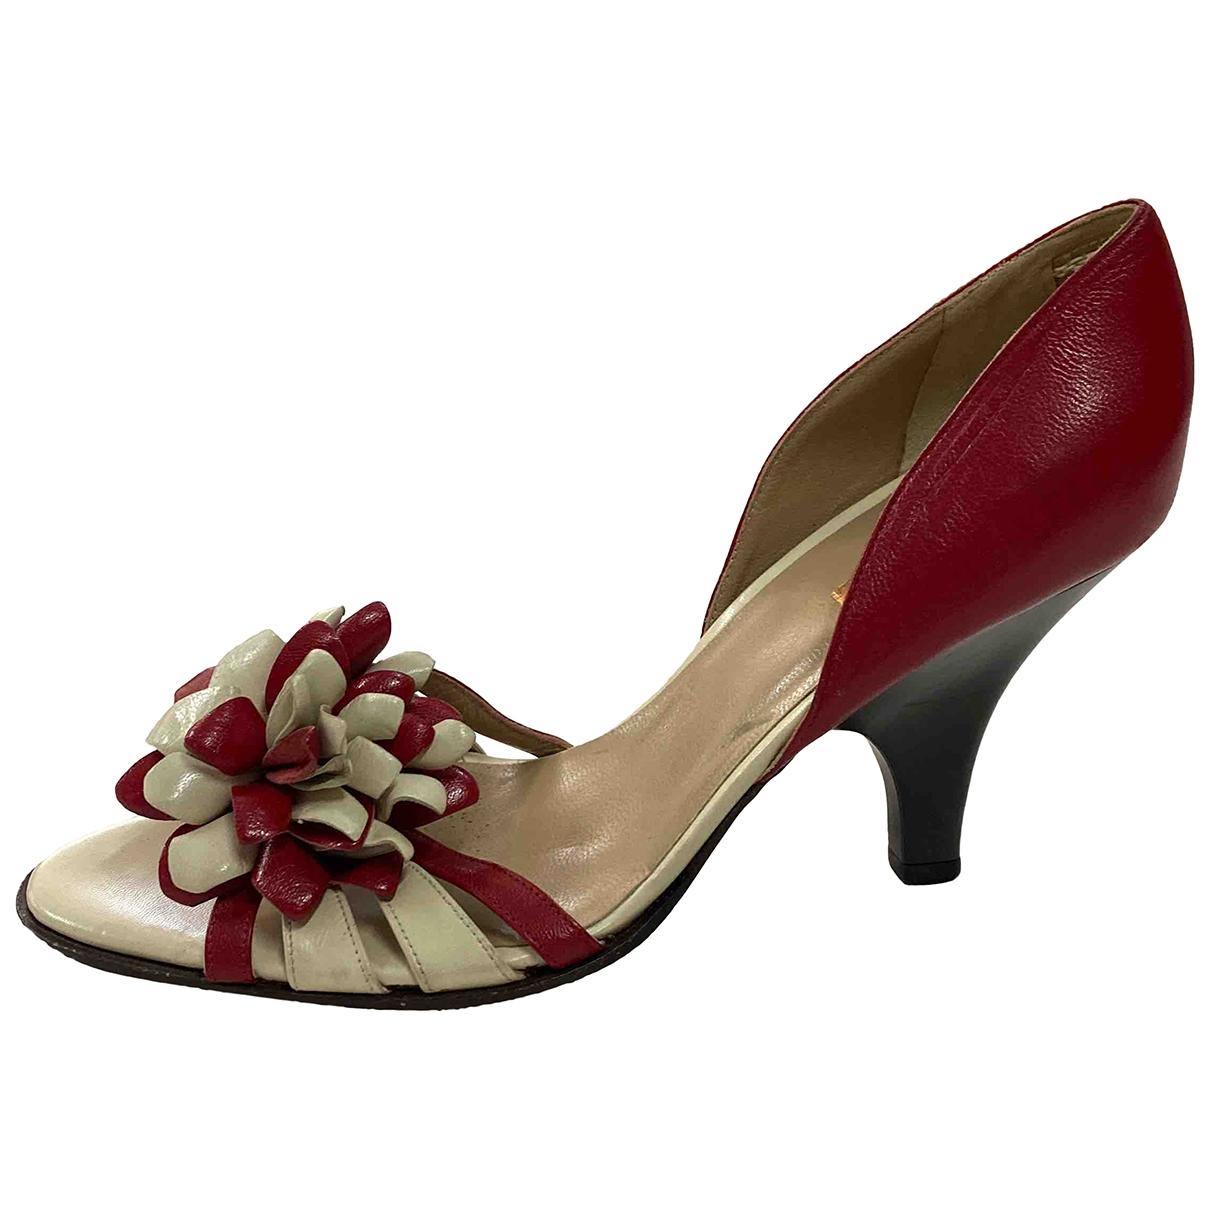 Le Silla - Escarpins   pour femme en cuir